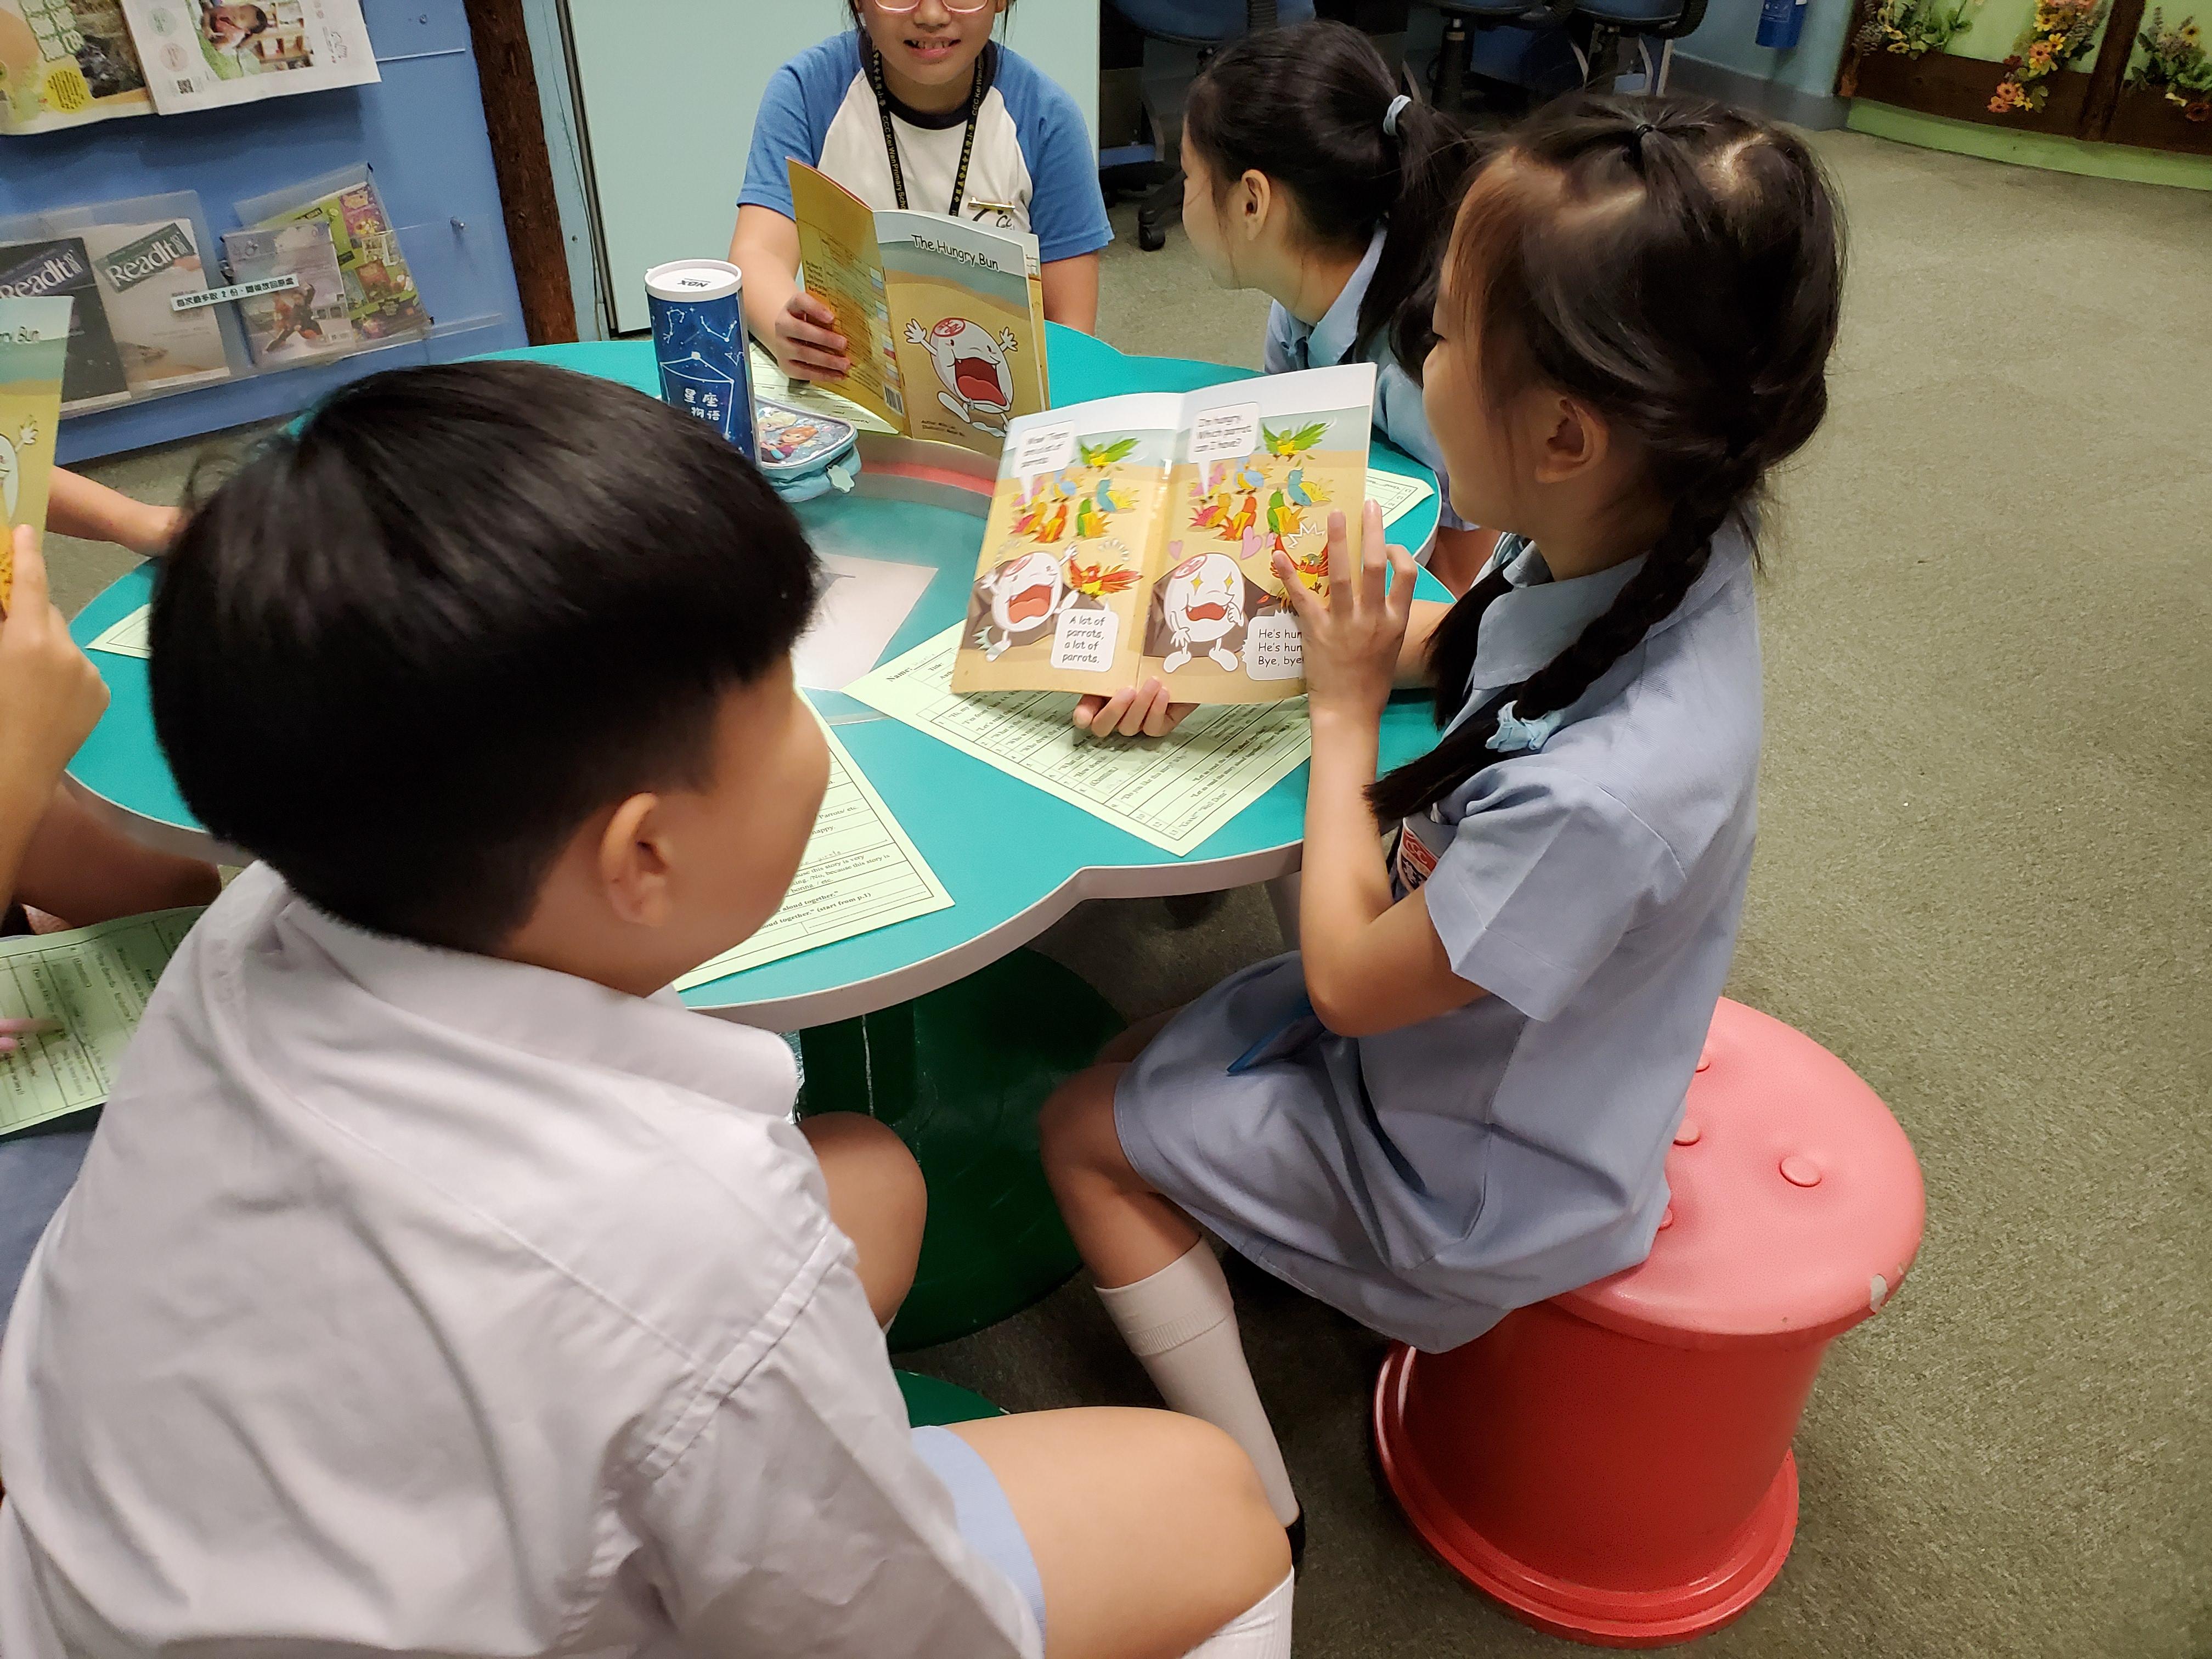 http://www.keiwan.edu.hk/sites/default/files/20191011_101337.jpg